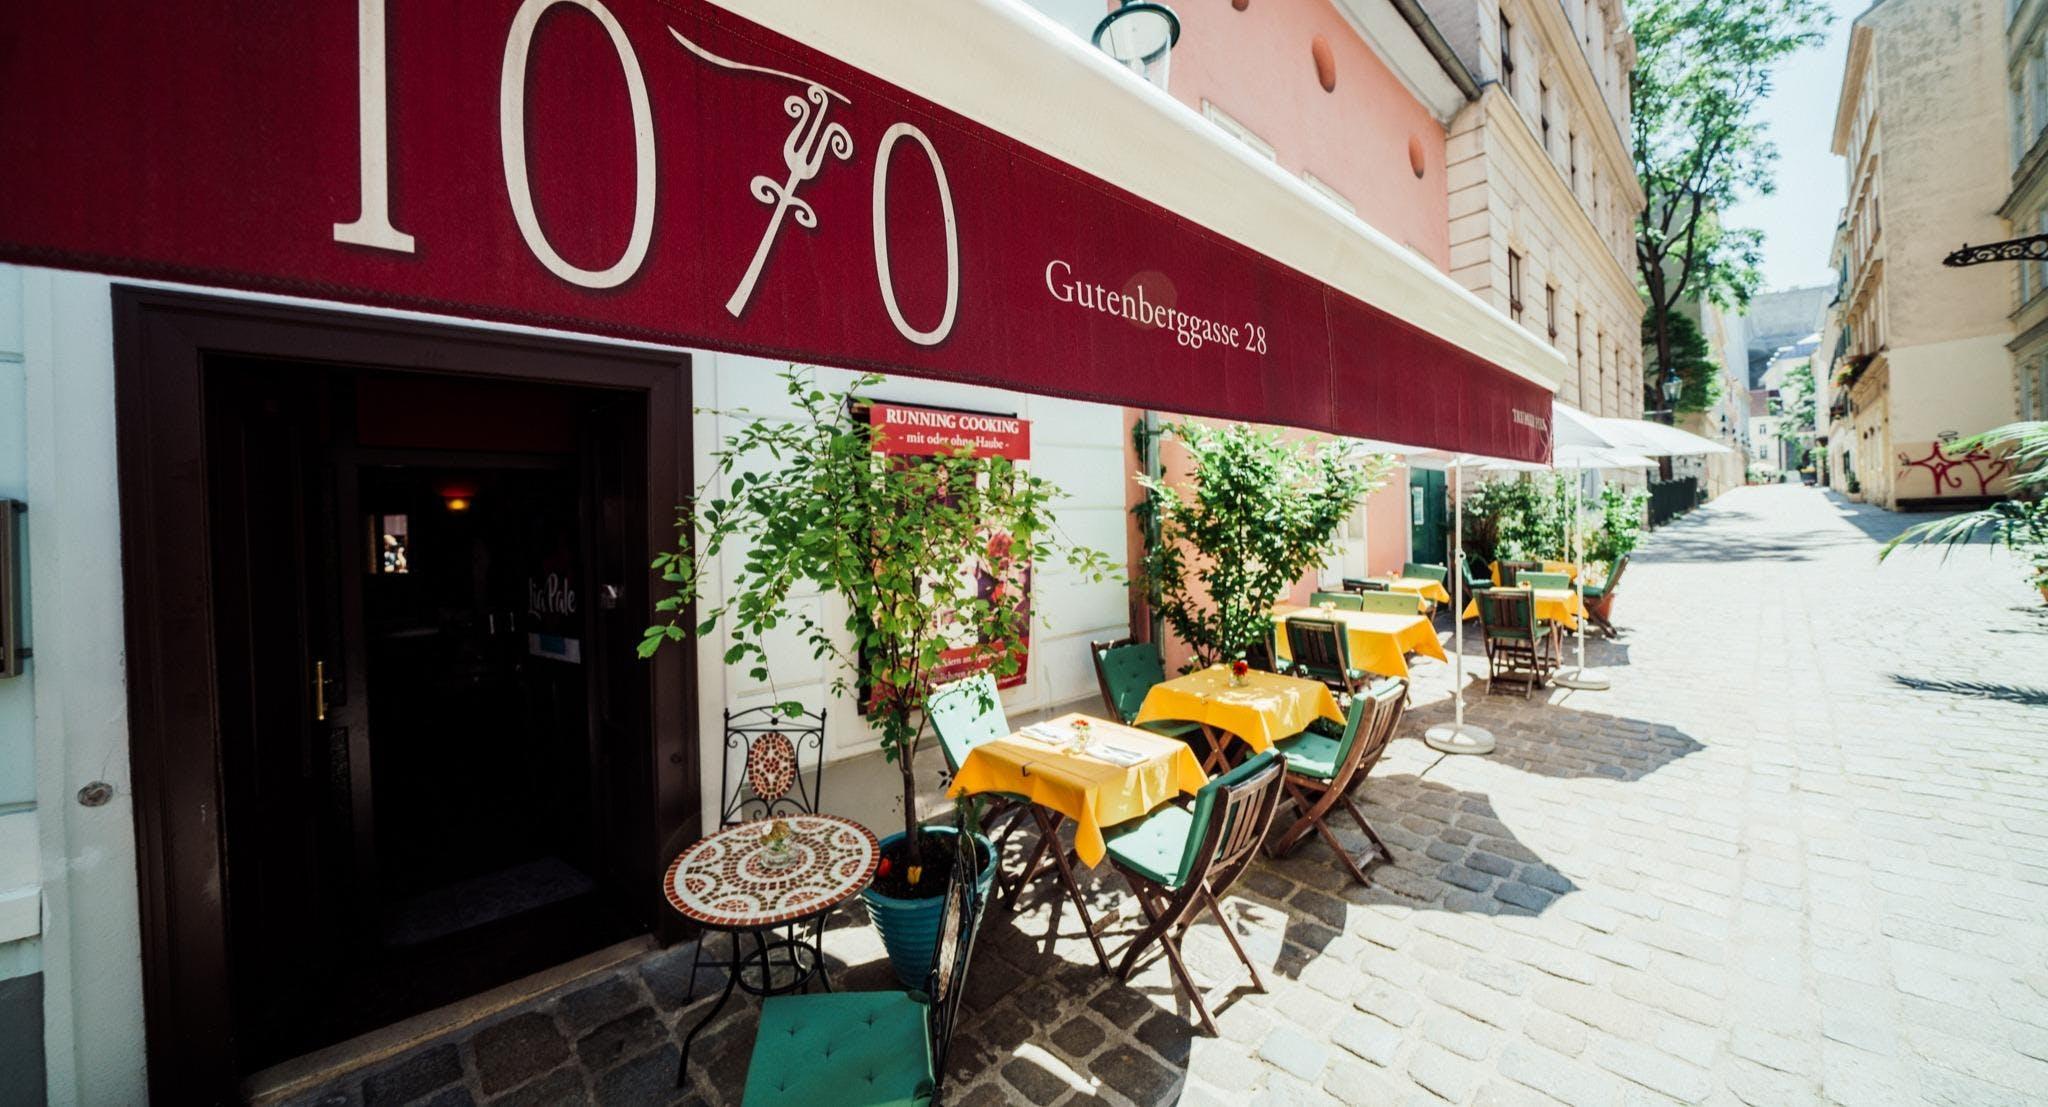 Restaurant 1070 Vienna image 2